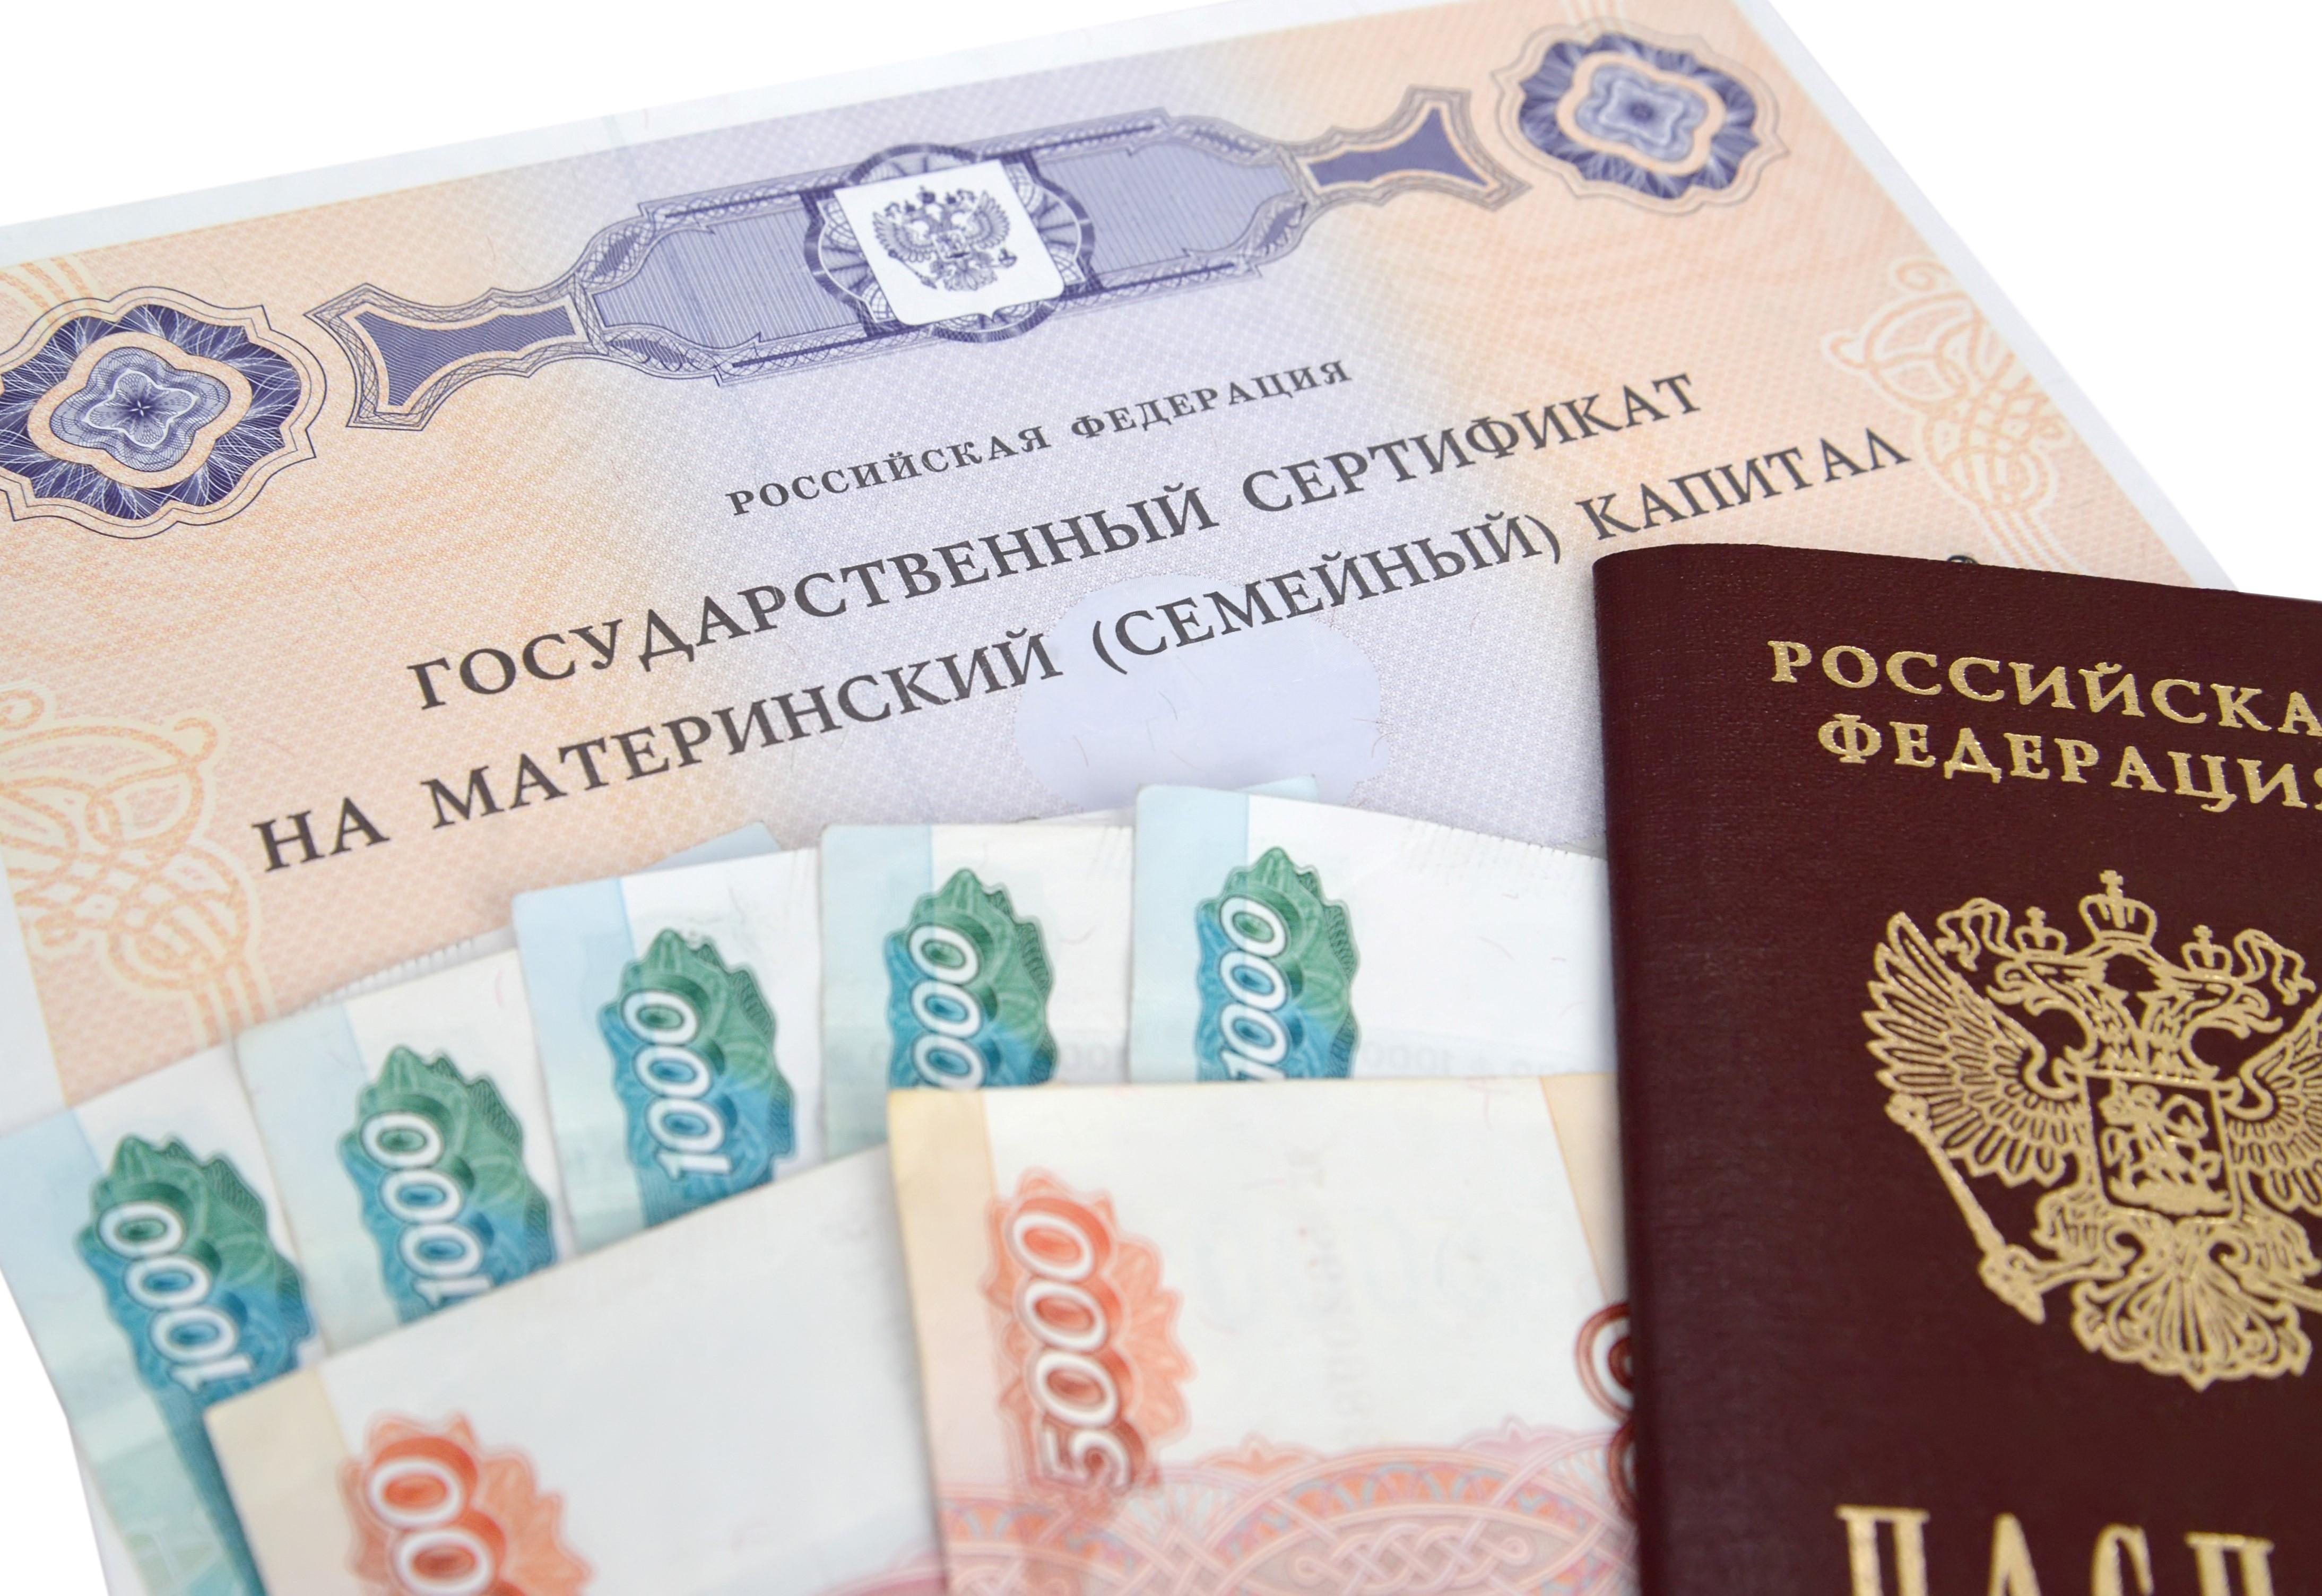 В 2022 году маткапитал на первенца вырастет до 503 тысяч рублей